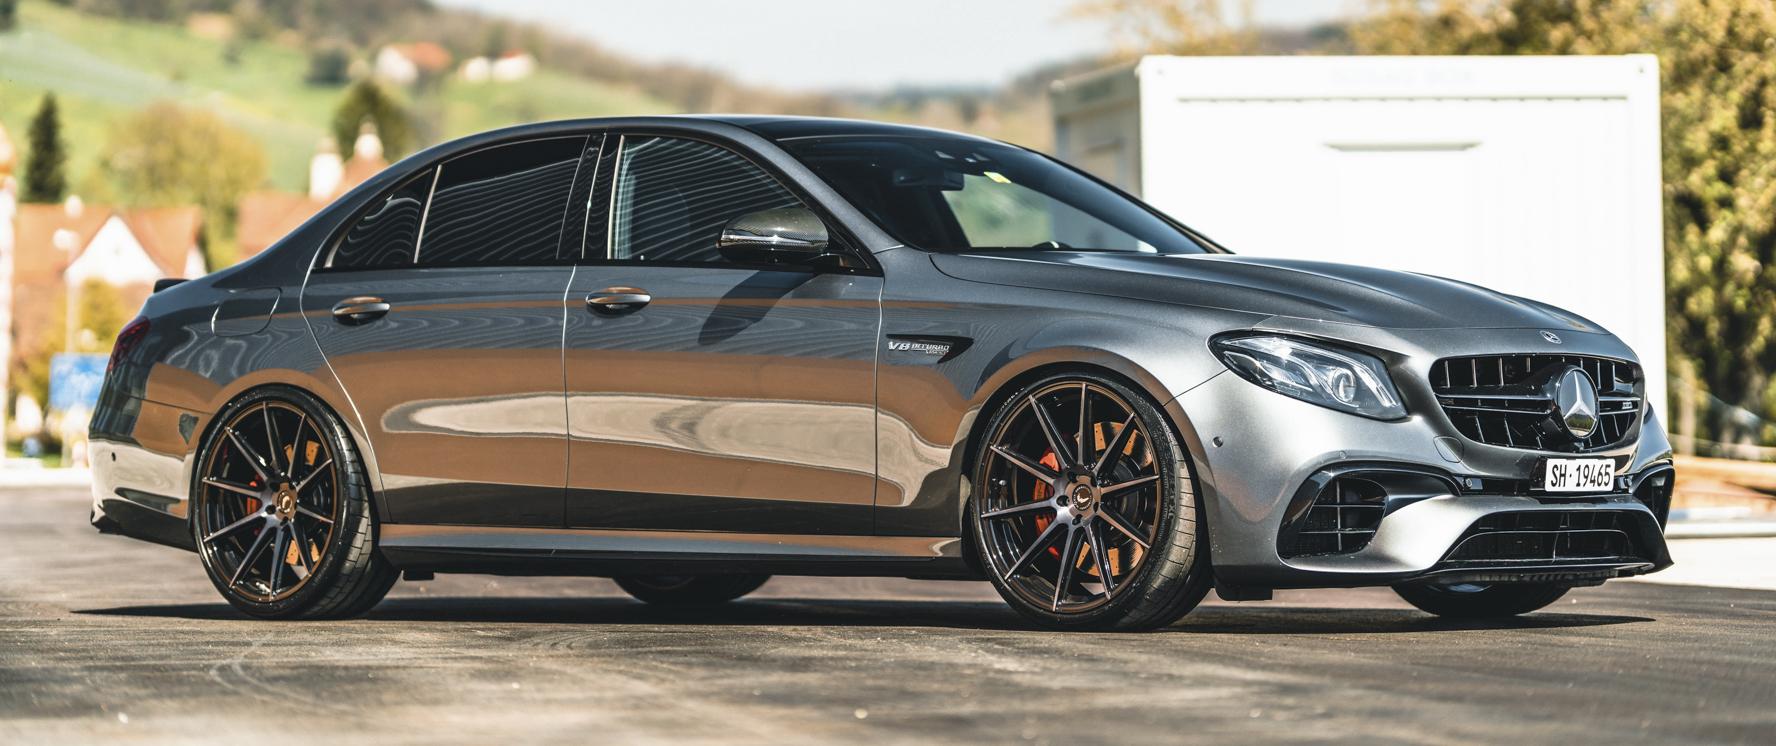 Mercedes-Benz – E63 – Silber – BARRACUDA – Ultralight Project 2.0 – Schwarz – 21 Zoll